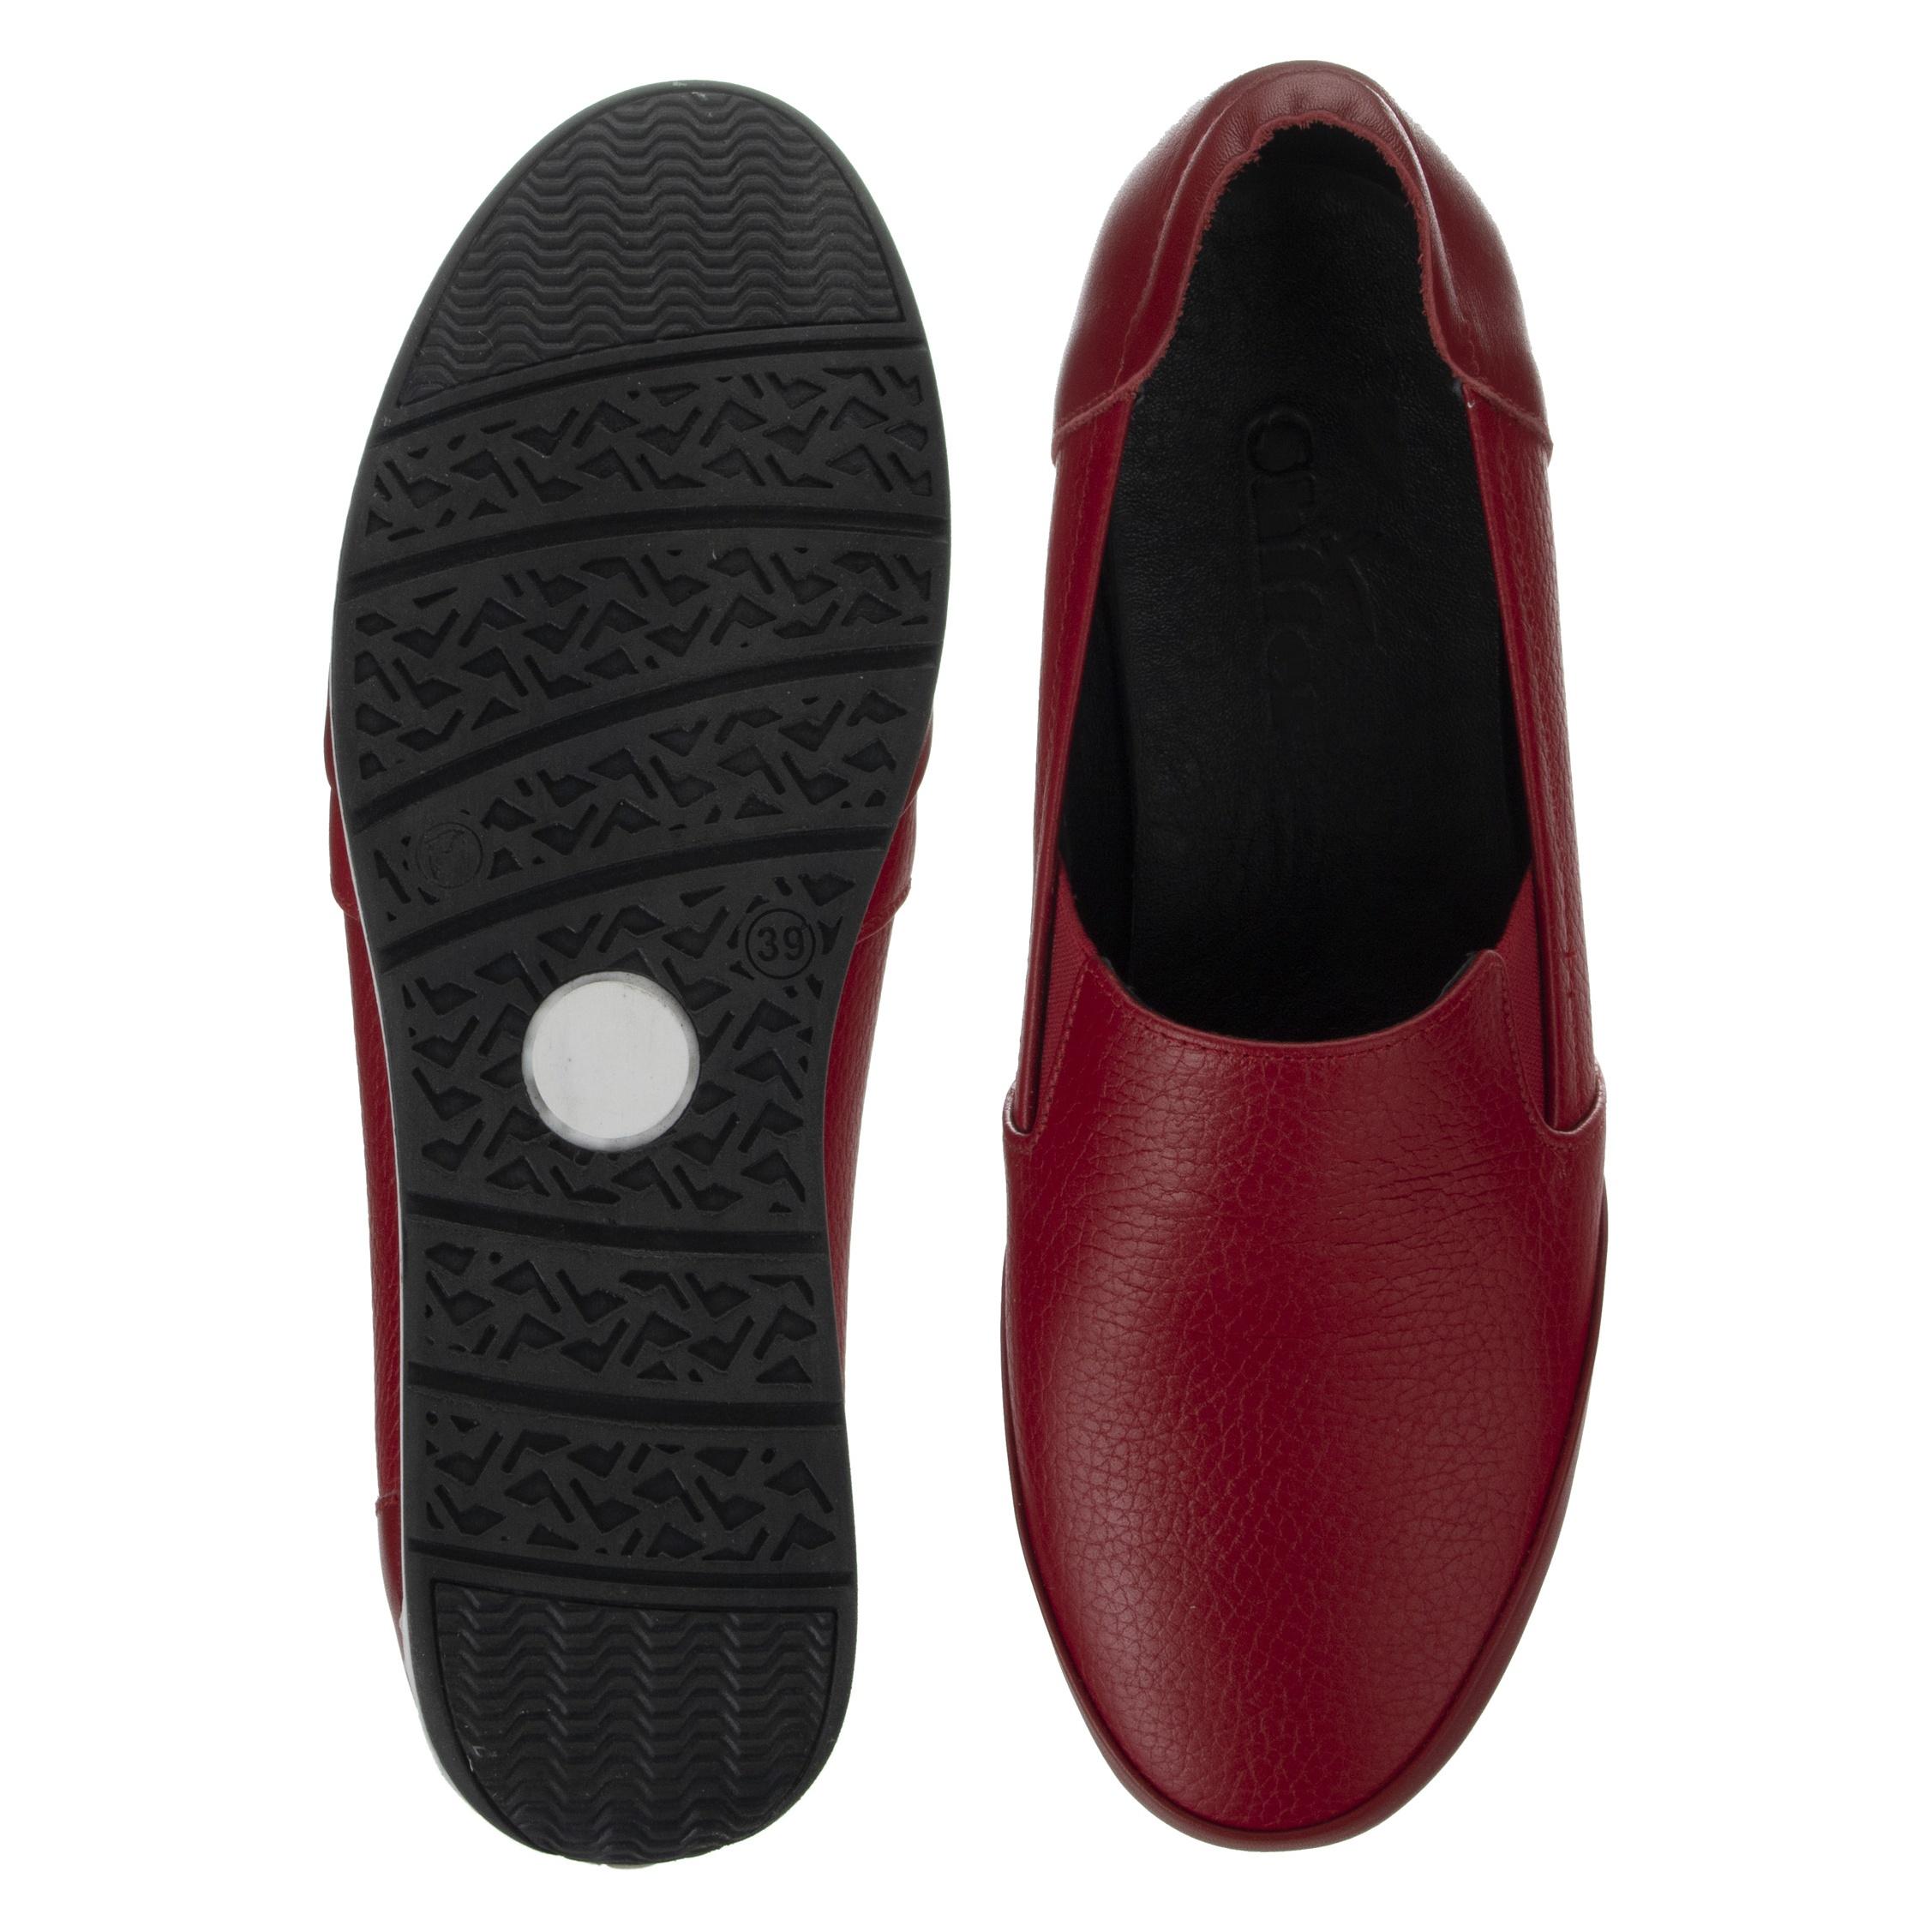 کفش روزمره نه شیفر مدل 5275A-102